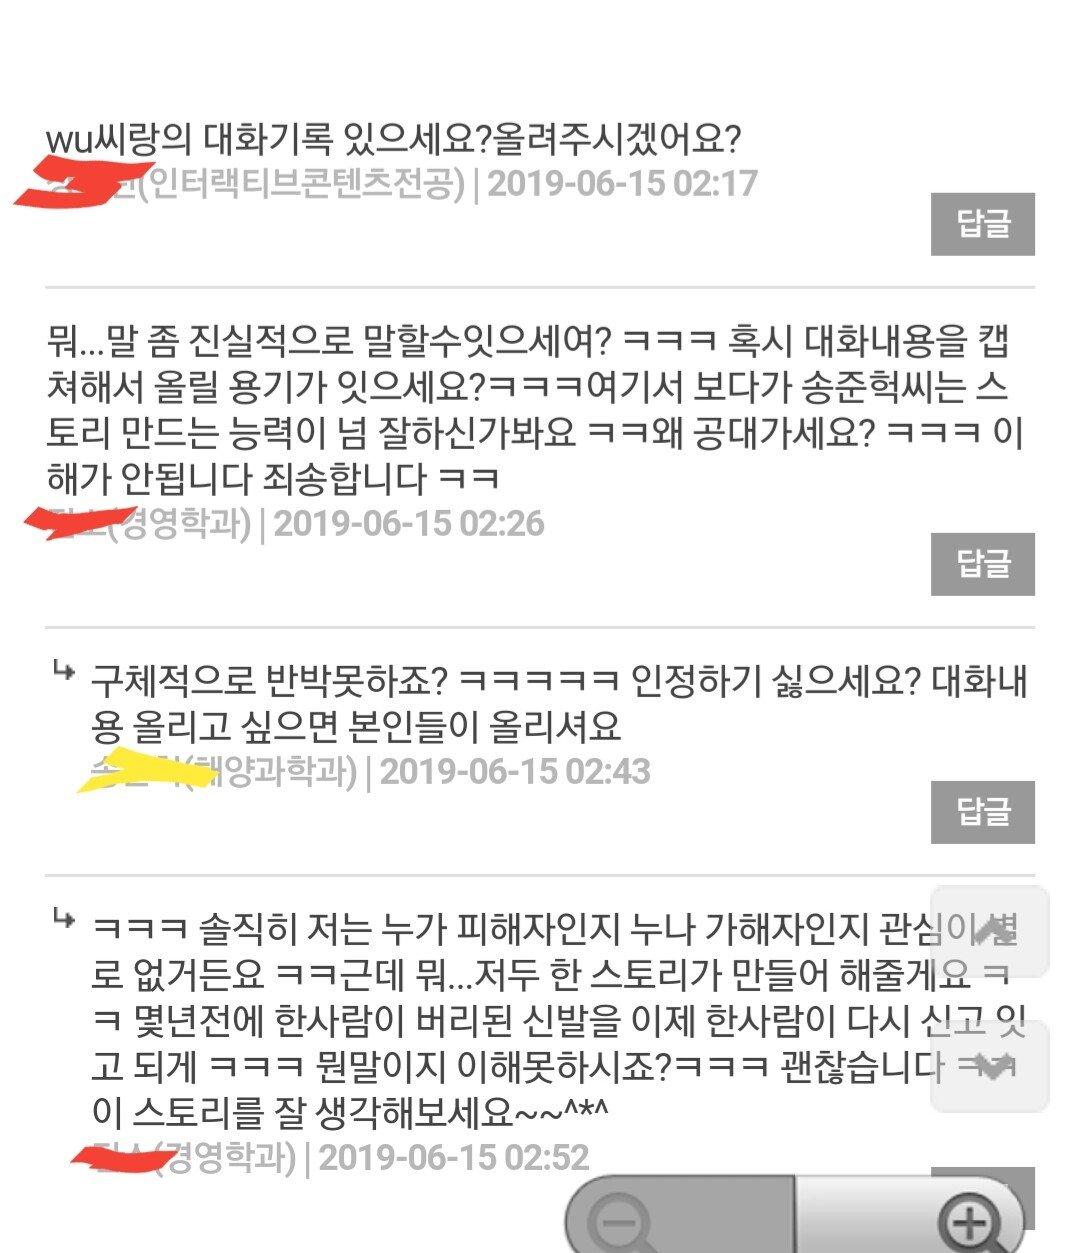 +추가))우리 학교 중국인이랑 한국인 싸움났다